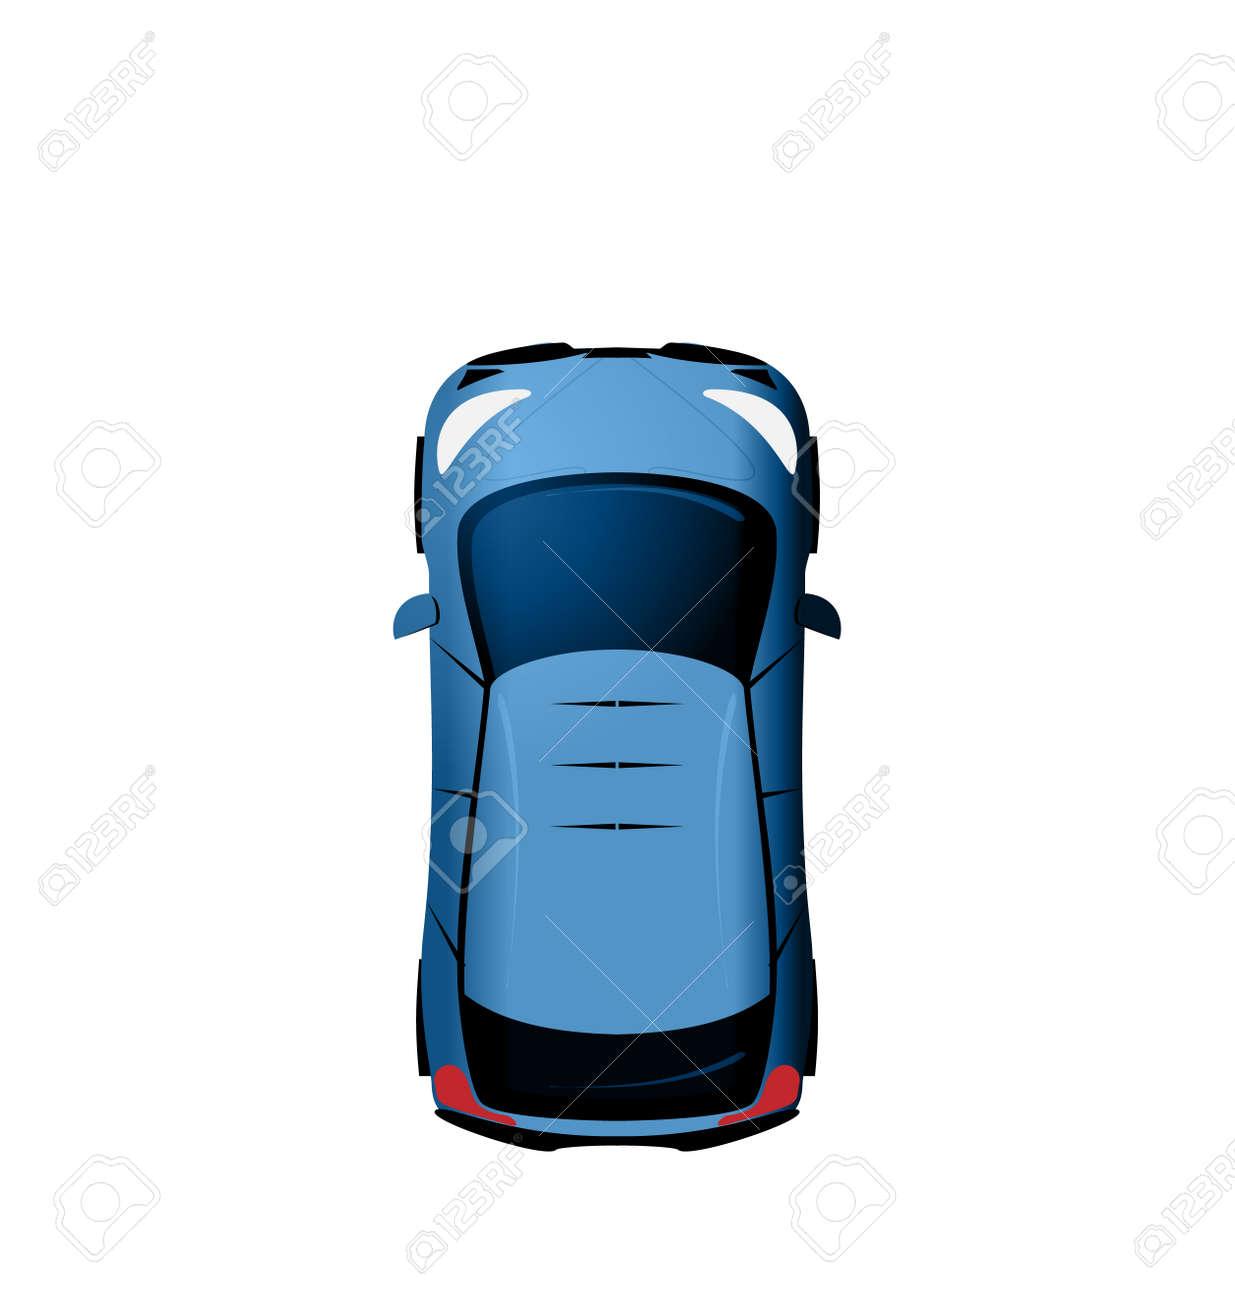 上から車両分離に白背景に ベクター イラスト車を見るのイラスト素材